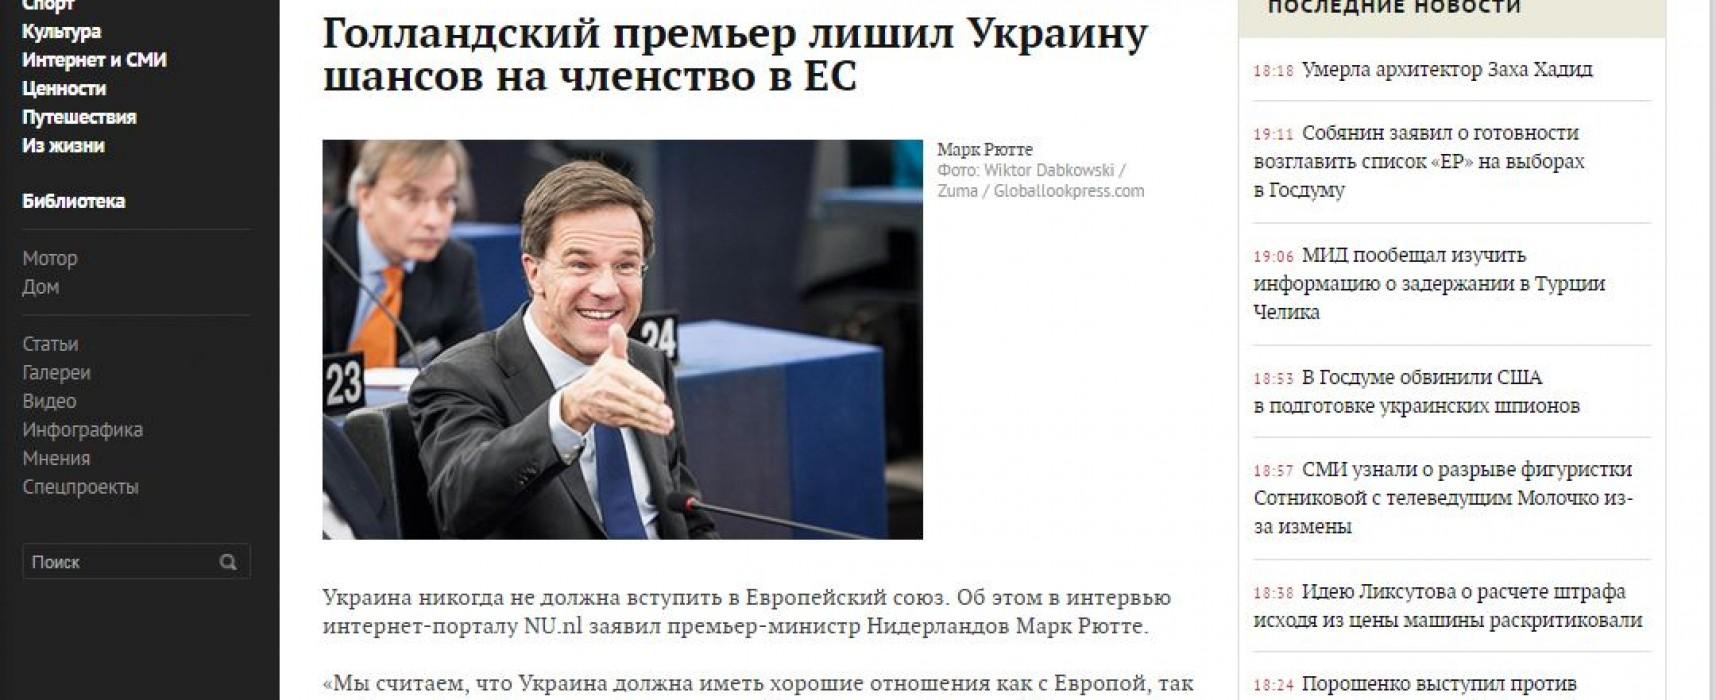 Fake: rifiutata l'adesione dell'Ucraina all'UE